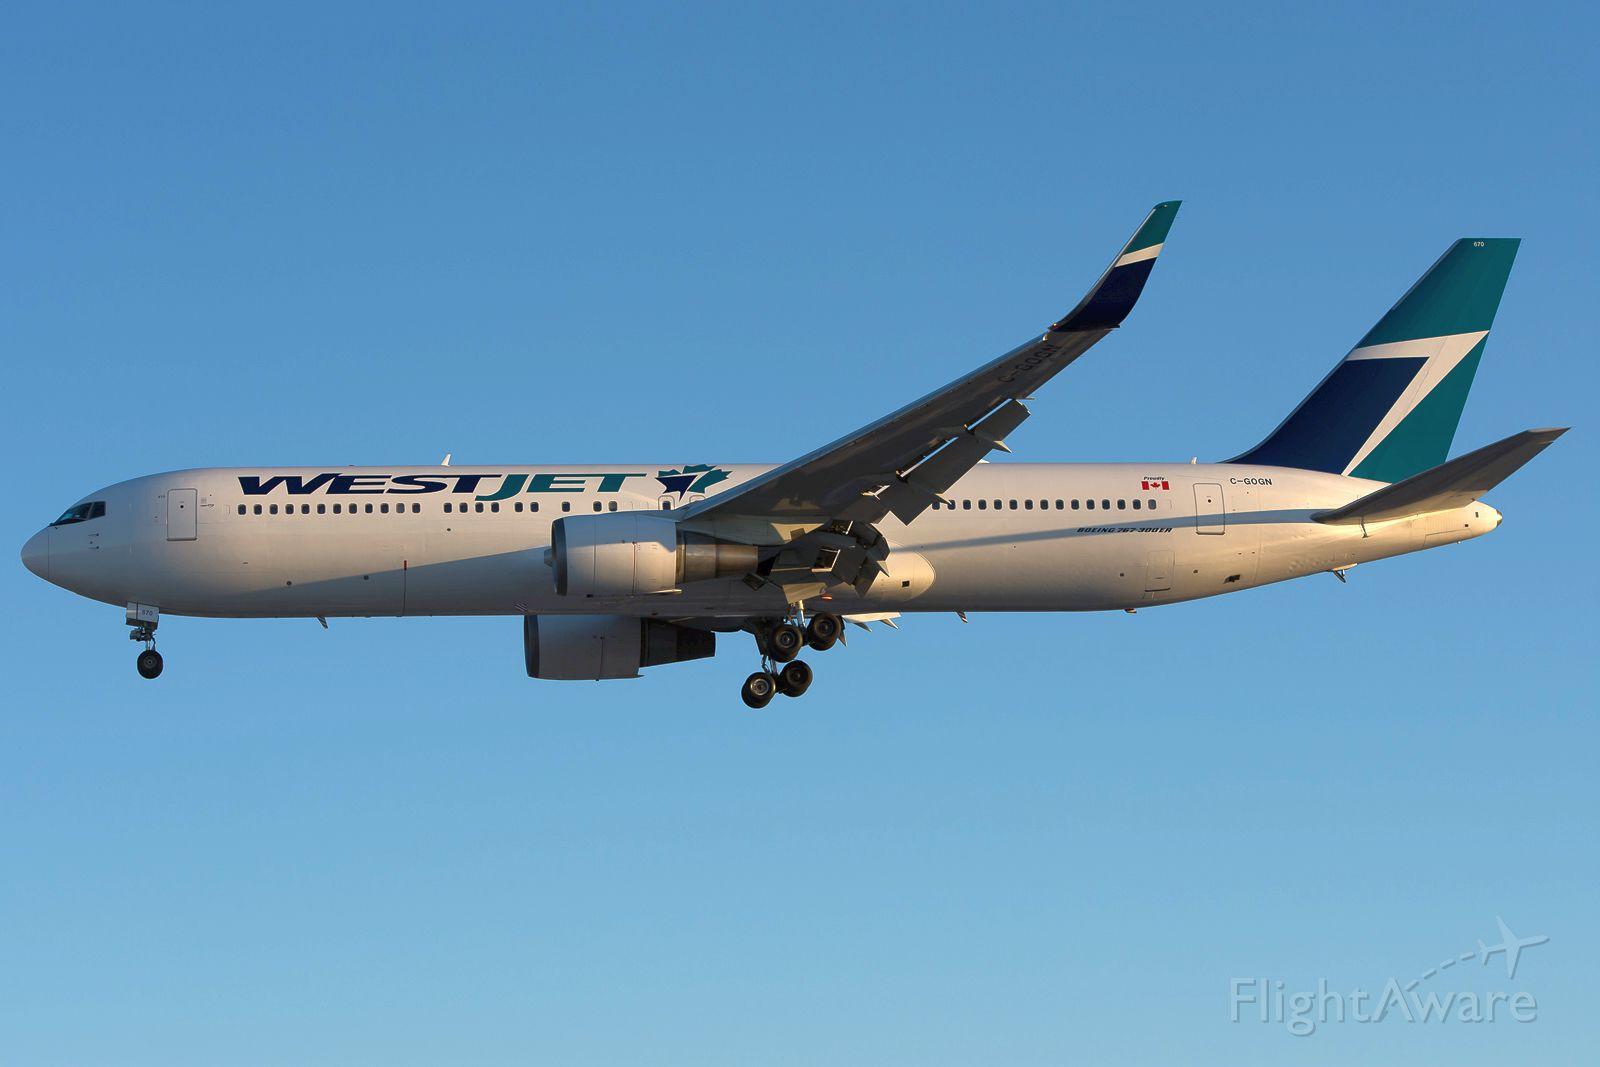 BOEING 767-300 (C-GOGN) - Westjet 763ER C-GOGN